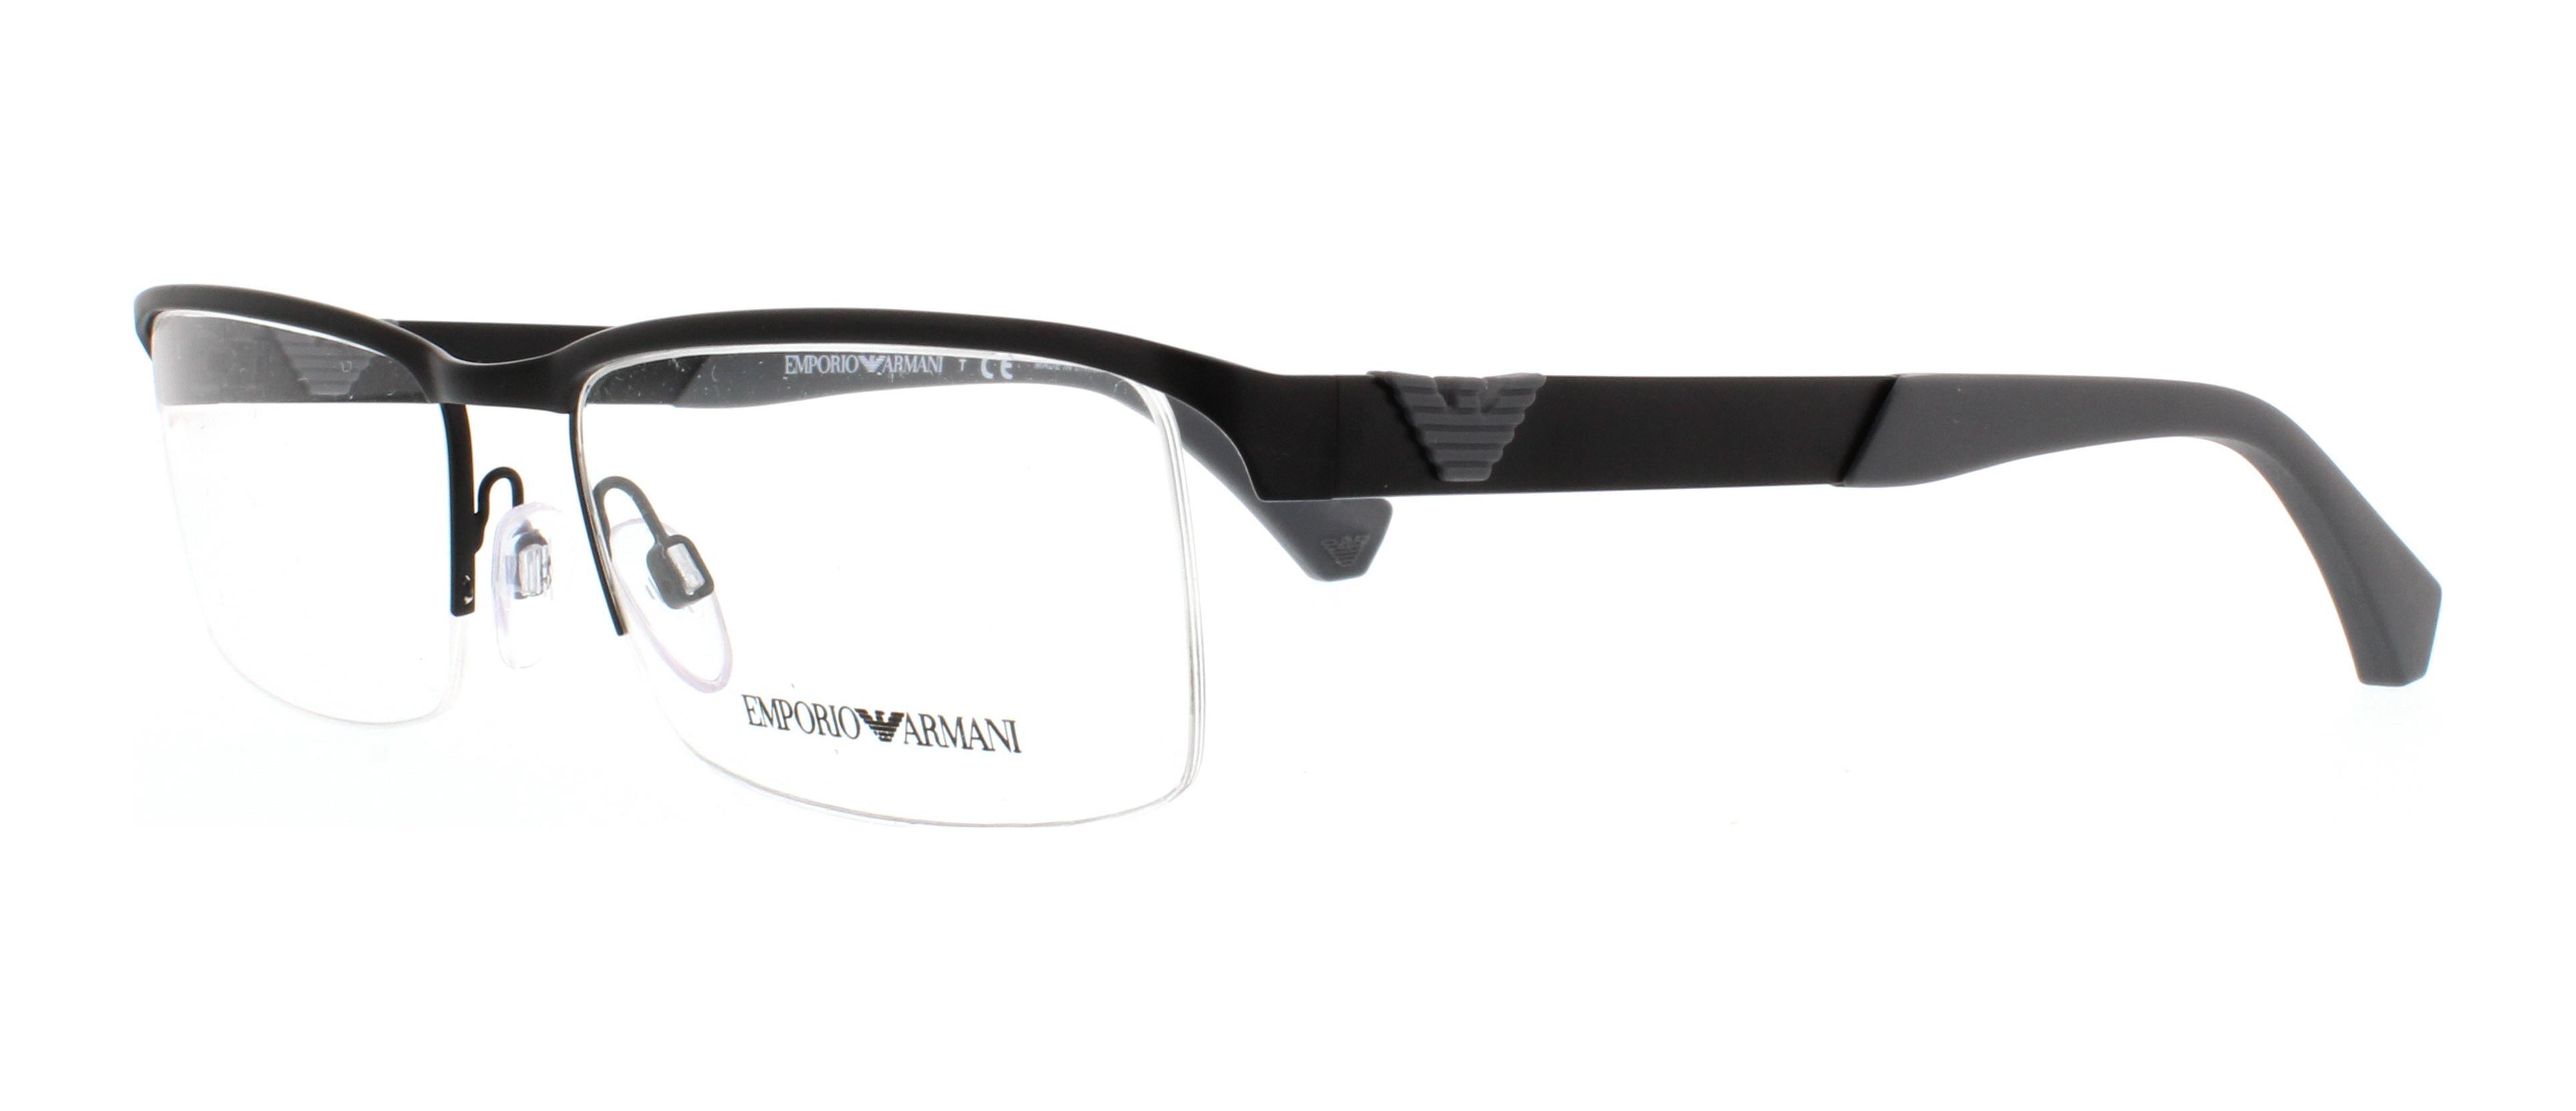 Designer Frames Outlet. Emporio Armani EA1006